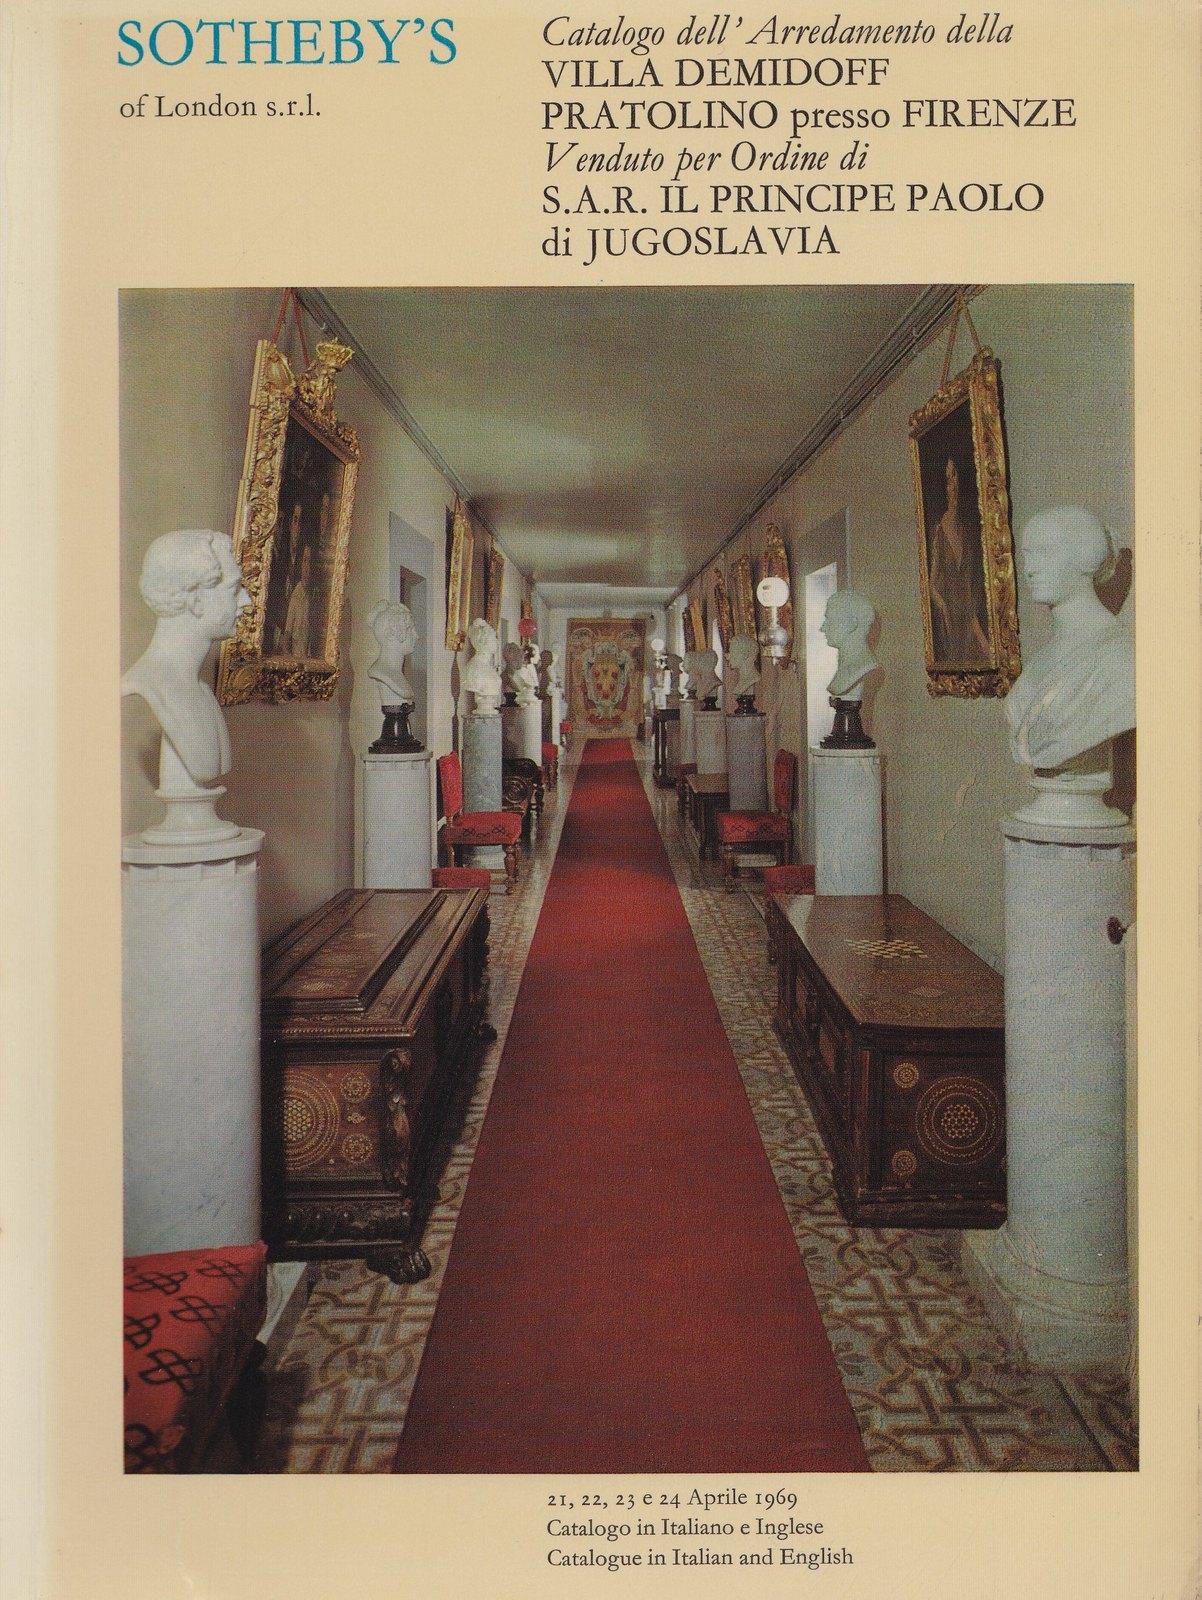 Catalogo dell'Arredamento della Villa Demidoff Pratolino presso Firenze venduto per ordine di S.A.R. il Principe Paolo di Jugoslavia